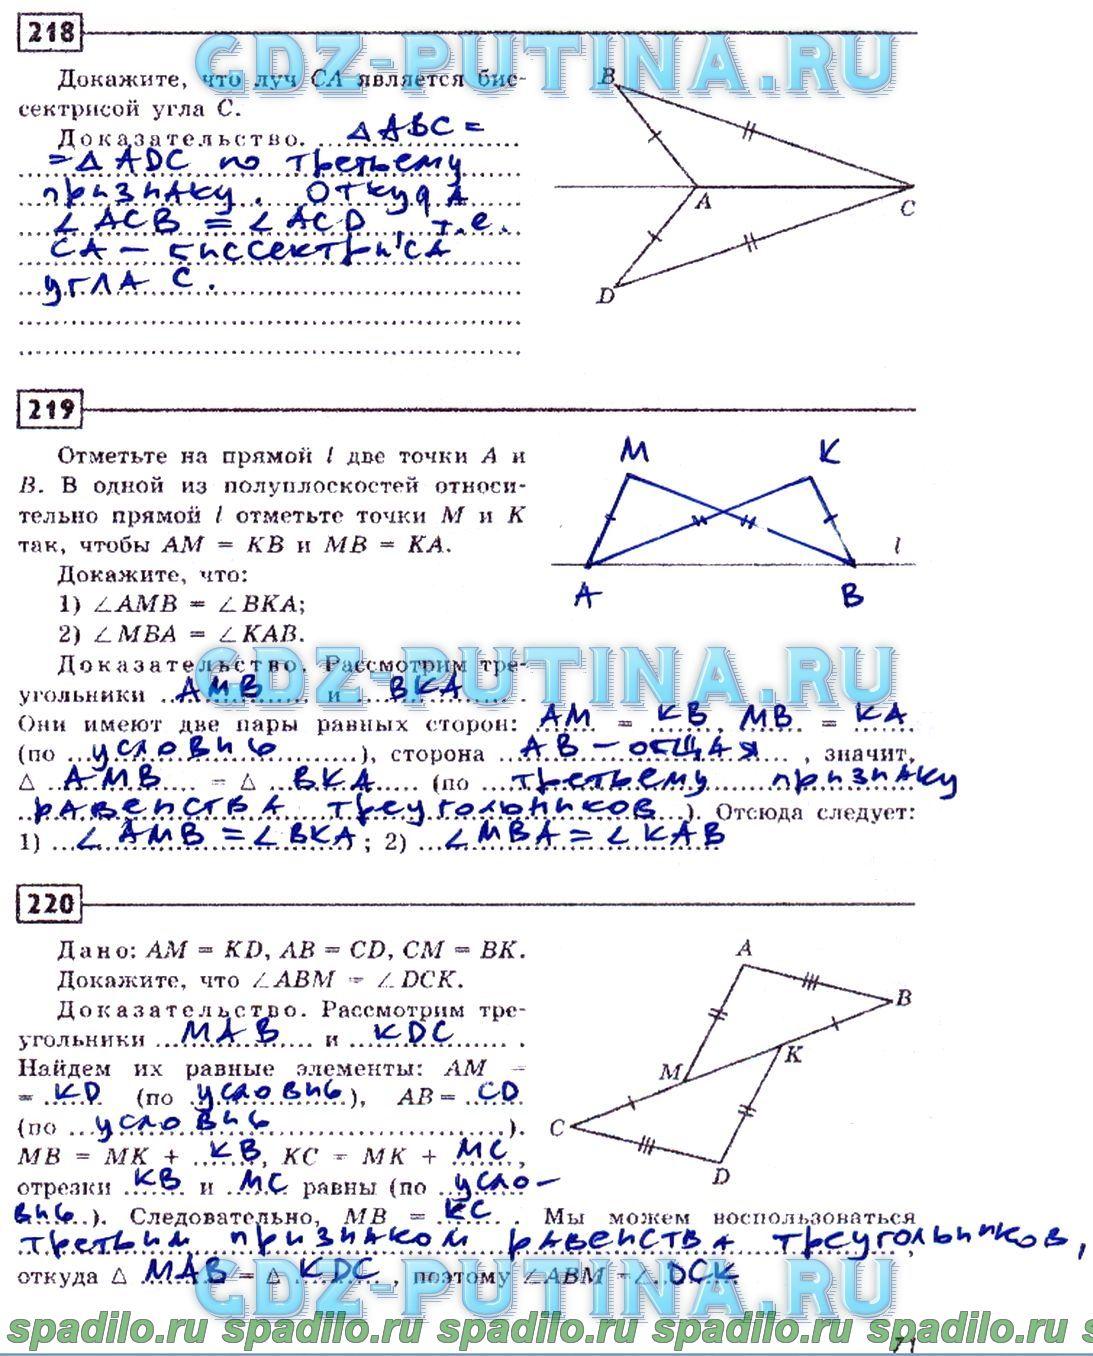 Решебник семакин задачник-практикум 1 том скачать бесплатно